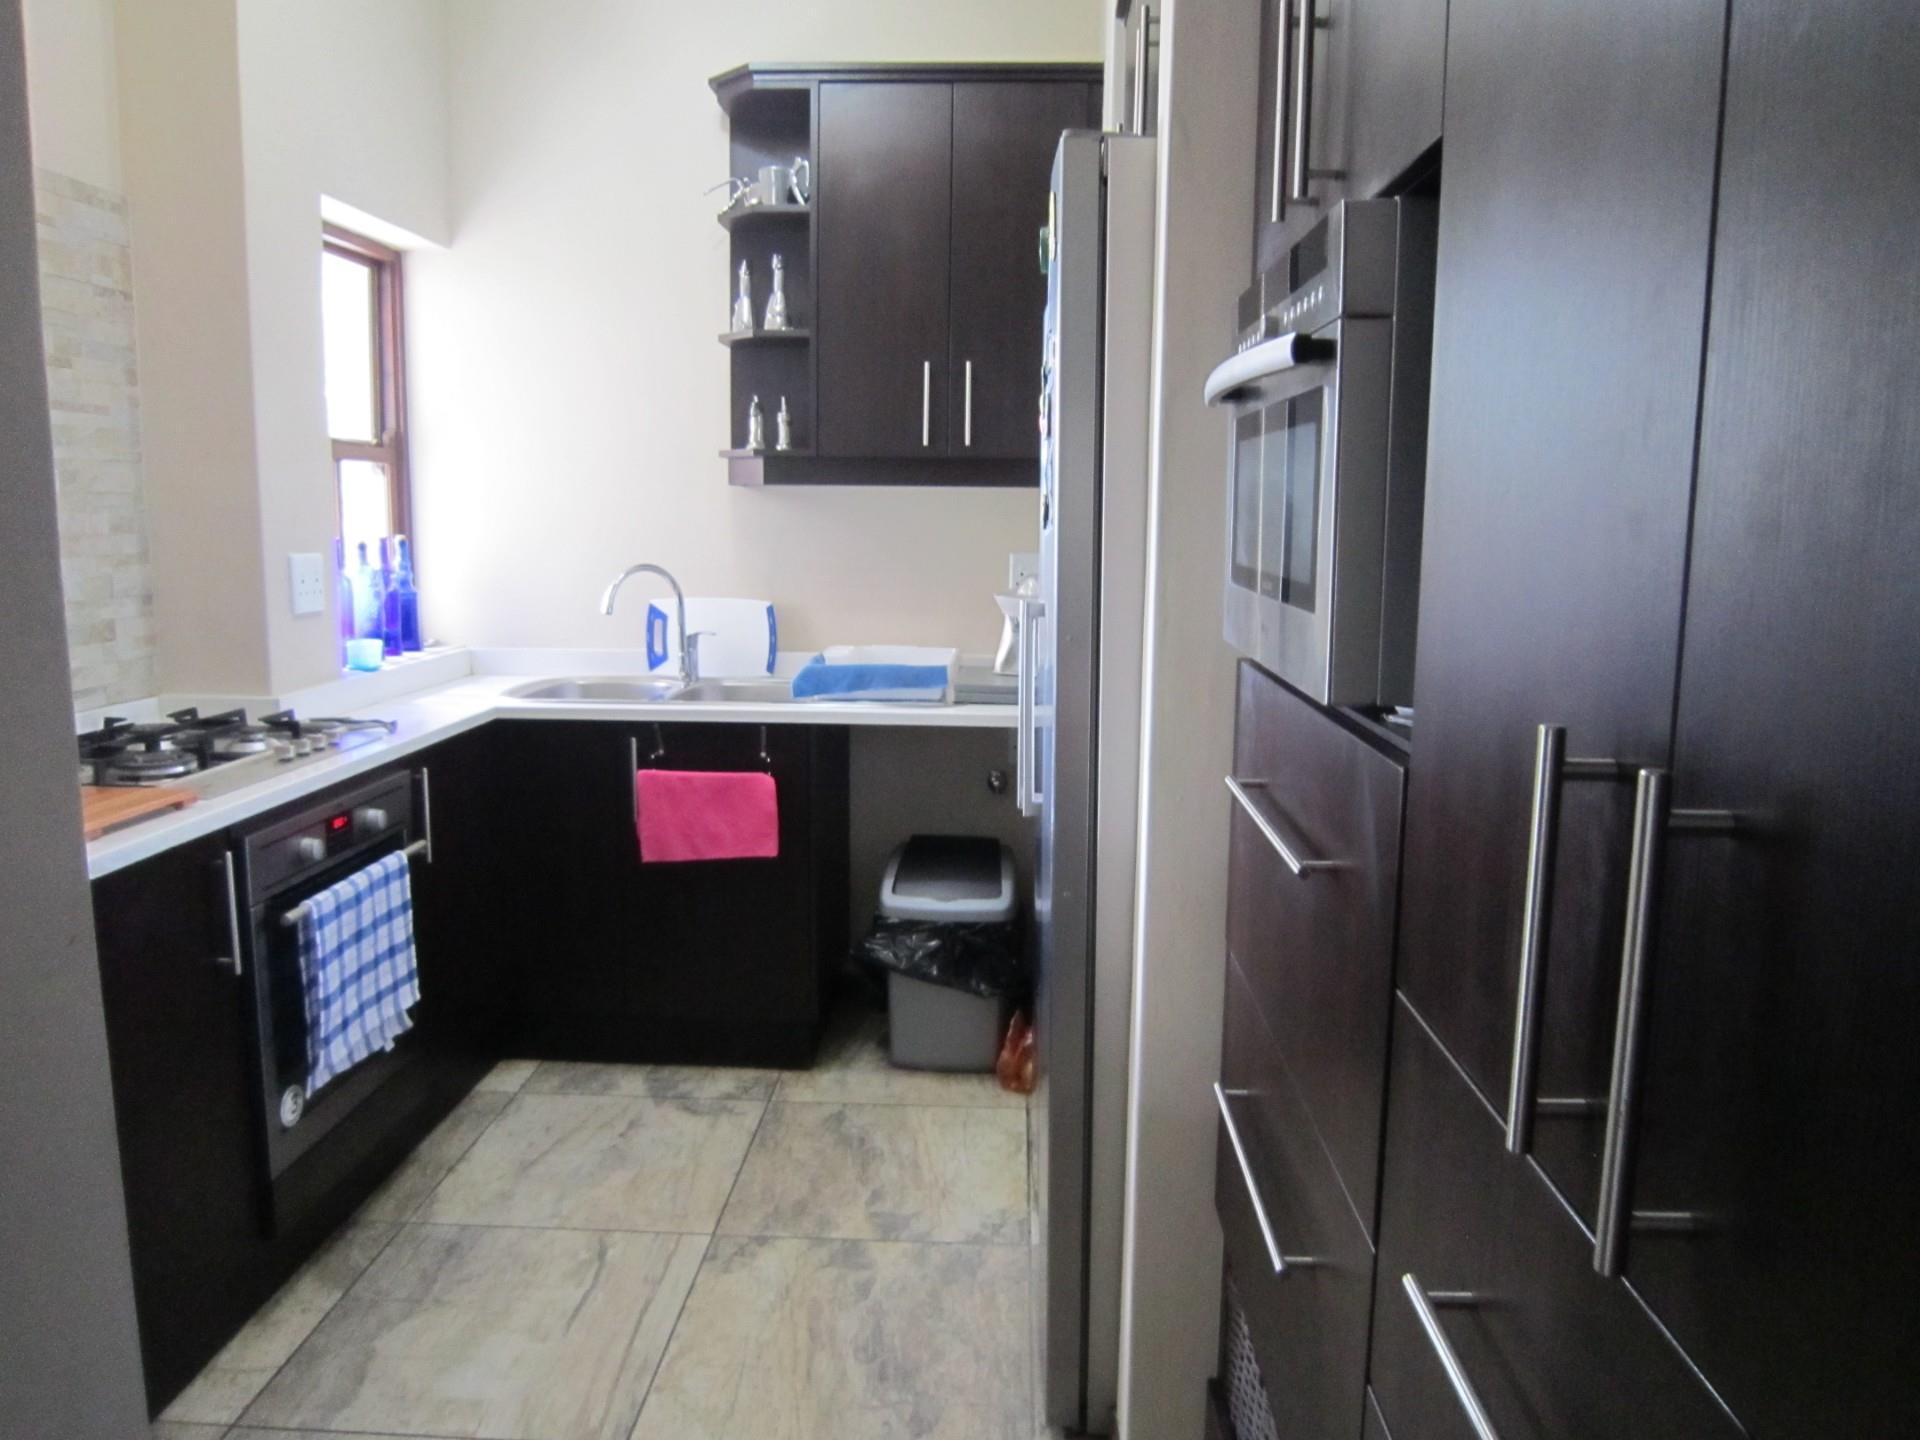 4 Bedroom House For Sale in Riebeek Kasteel